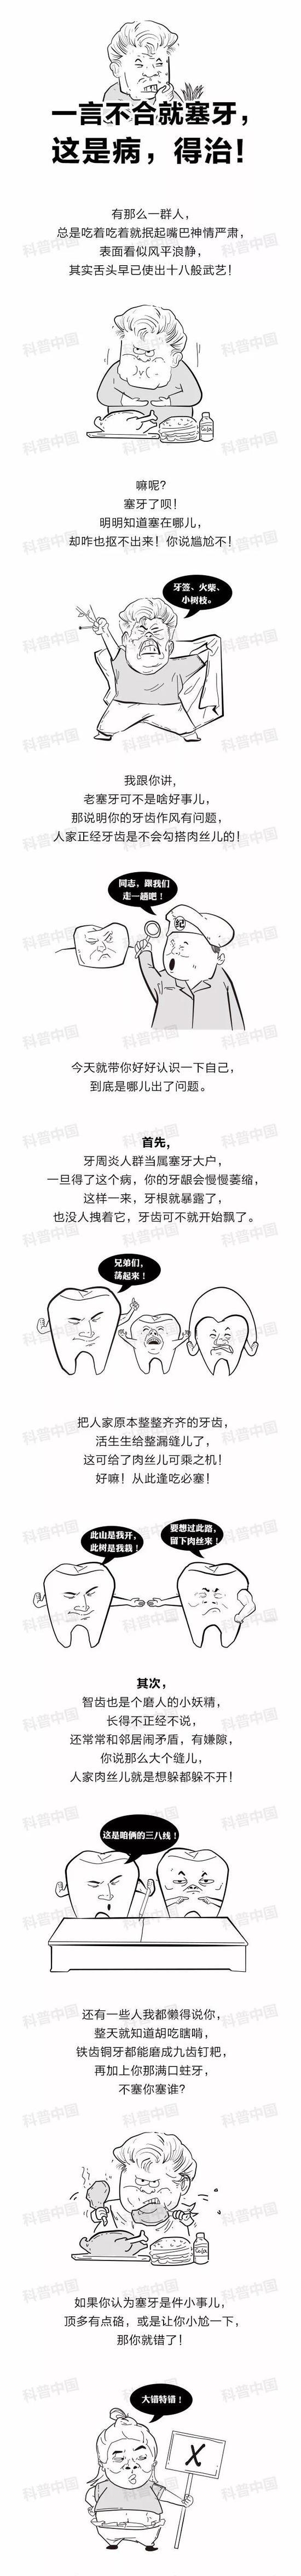 吃东西总塞牙可能是病|塞牙|牙线|口腔疾病